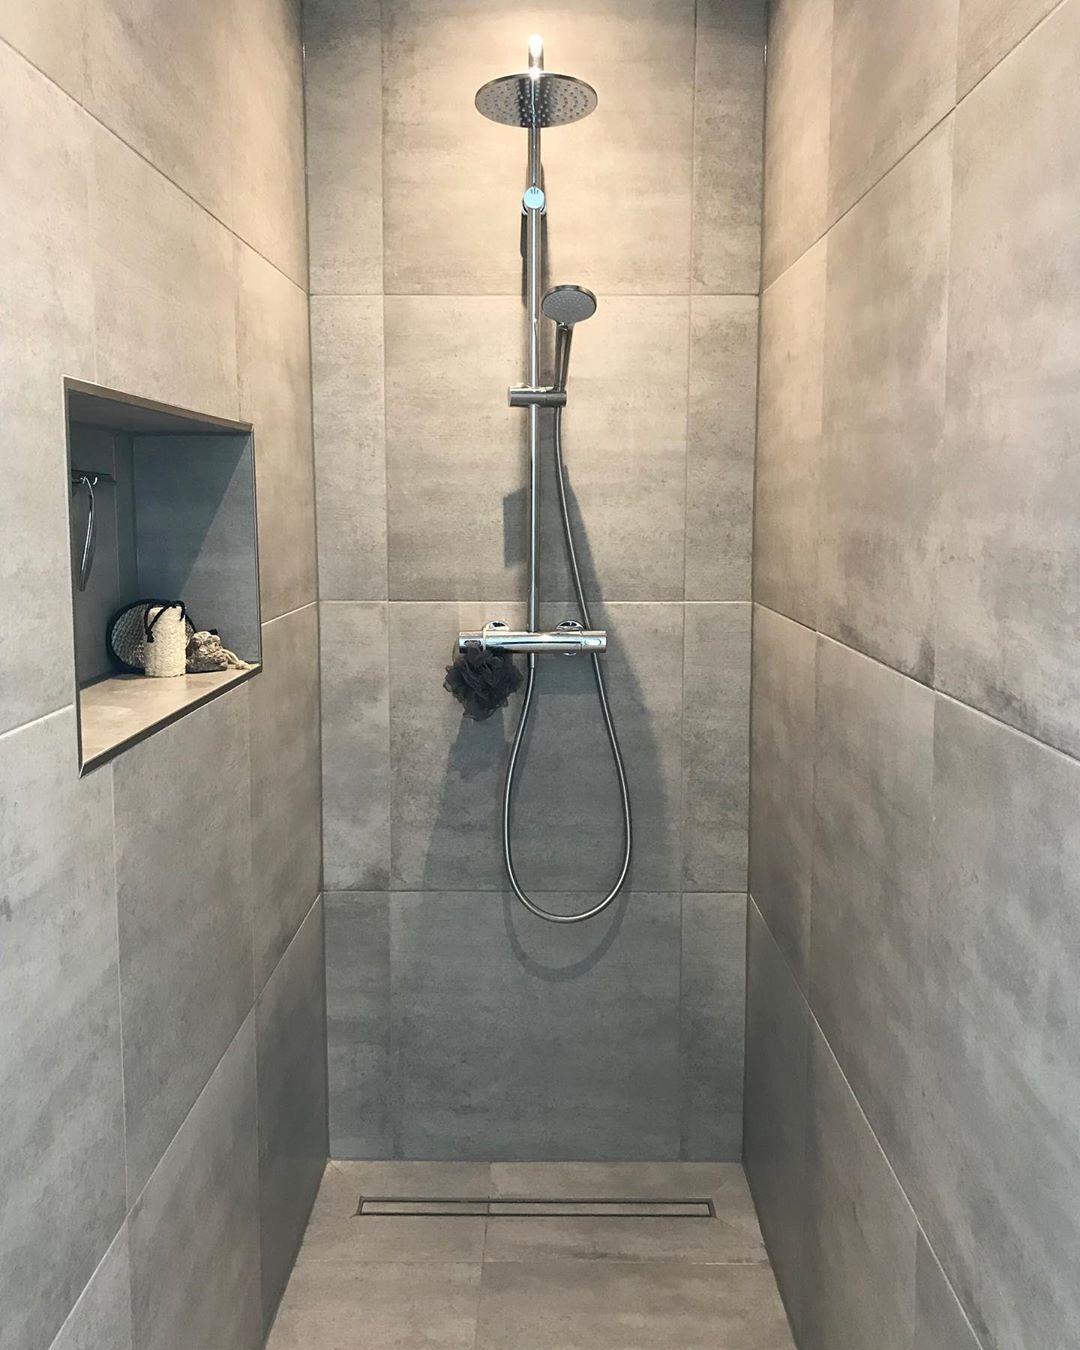 Pin Von Three T Auf Banyo Fikirleri In 2020 Mit Bildern Dusche Umgestalten Duscharmatur Badezimmer